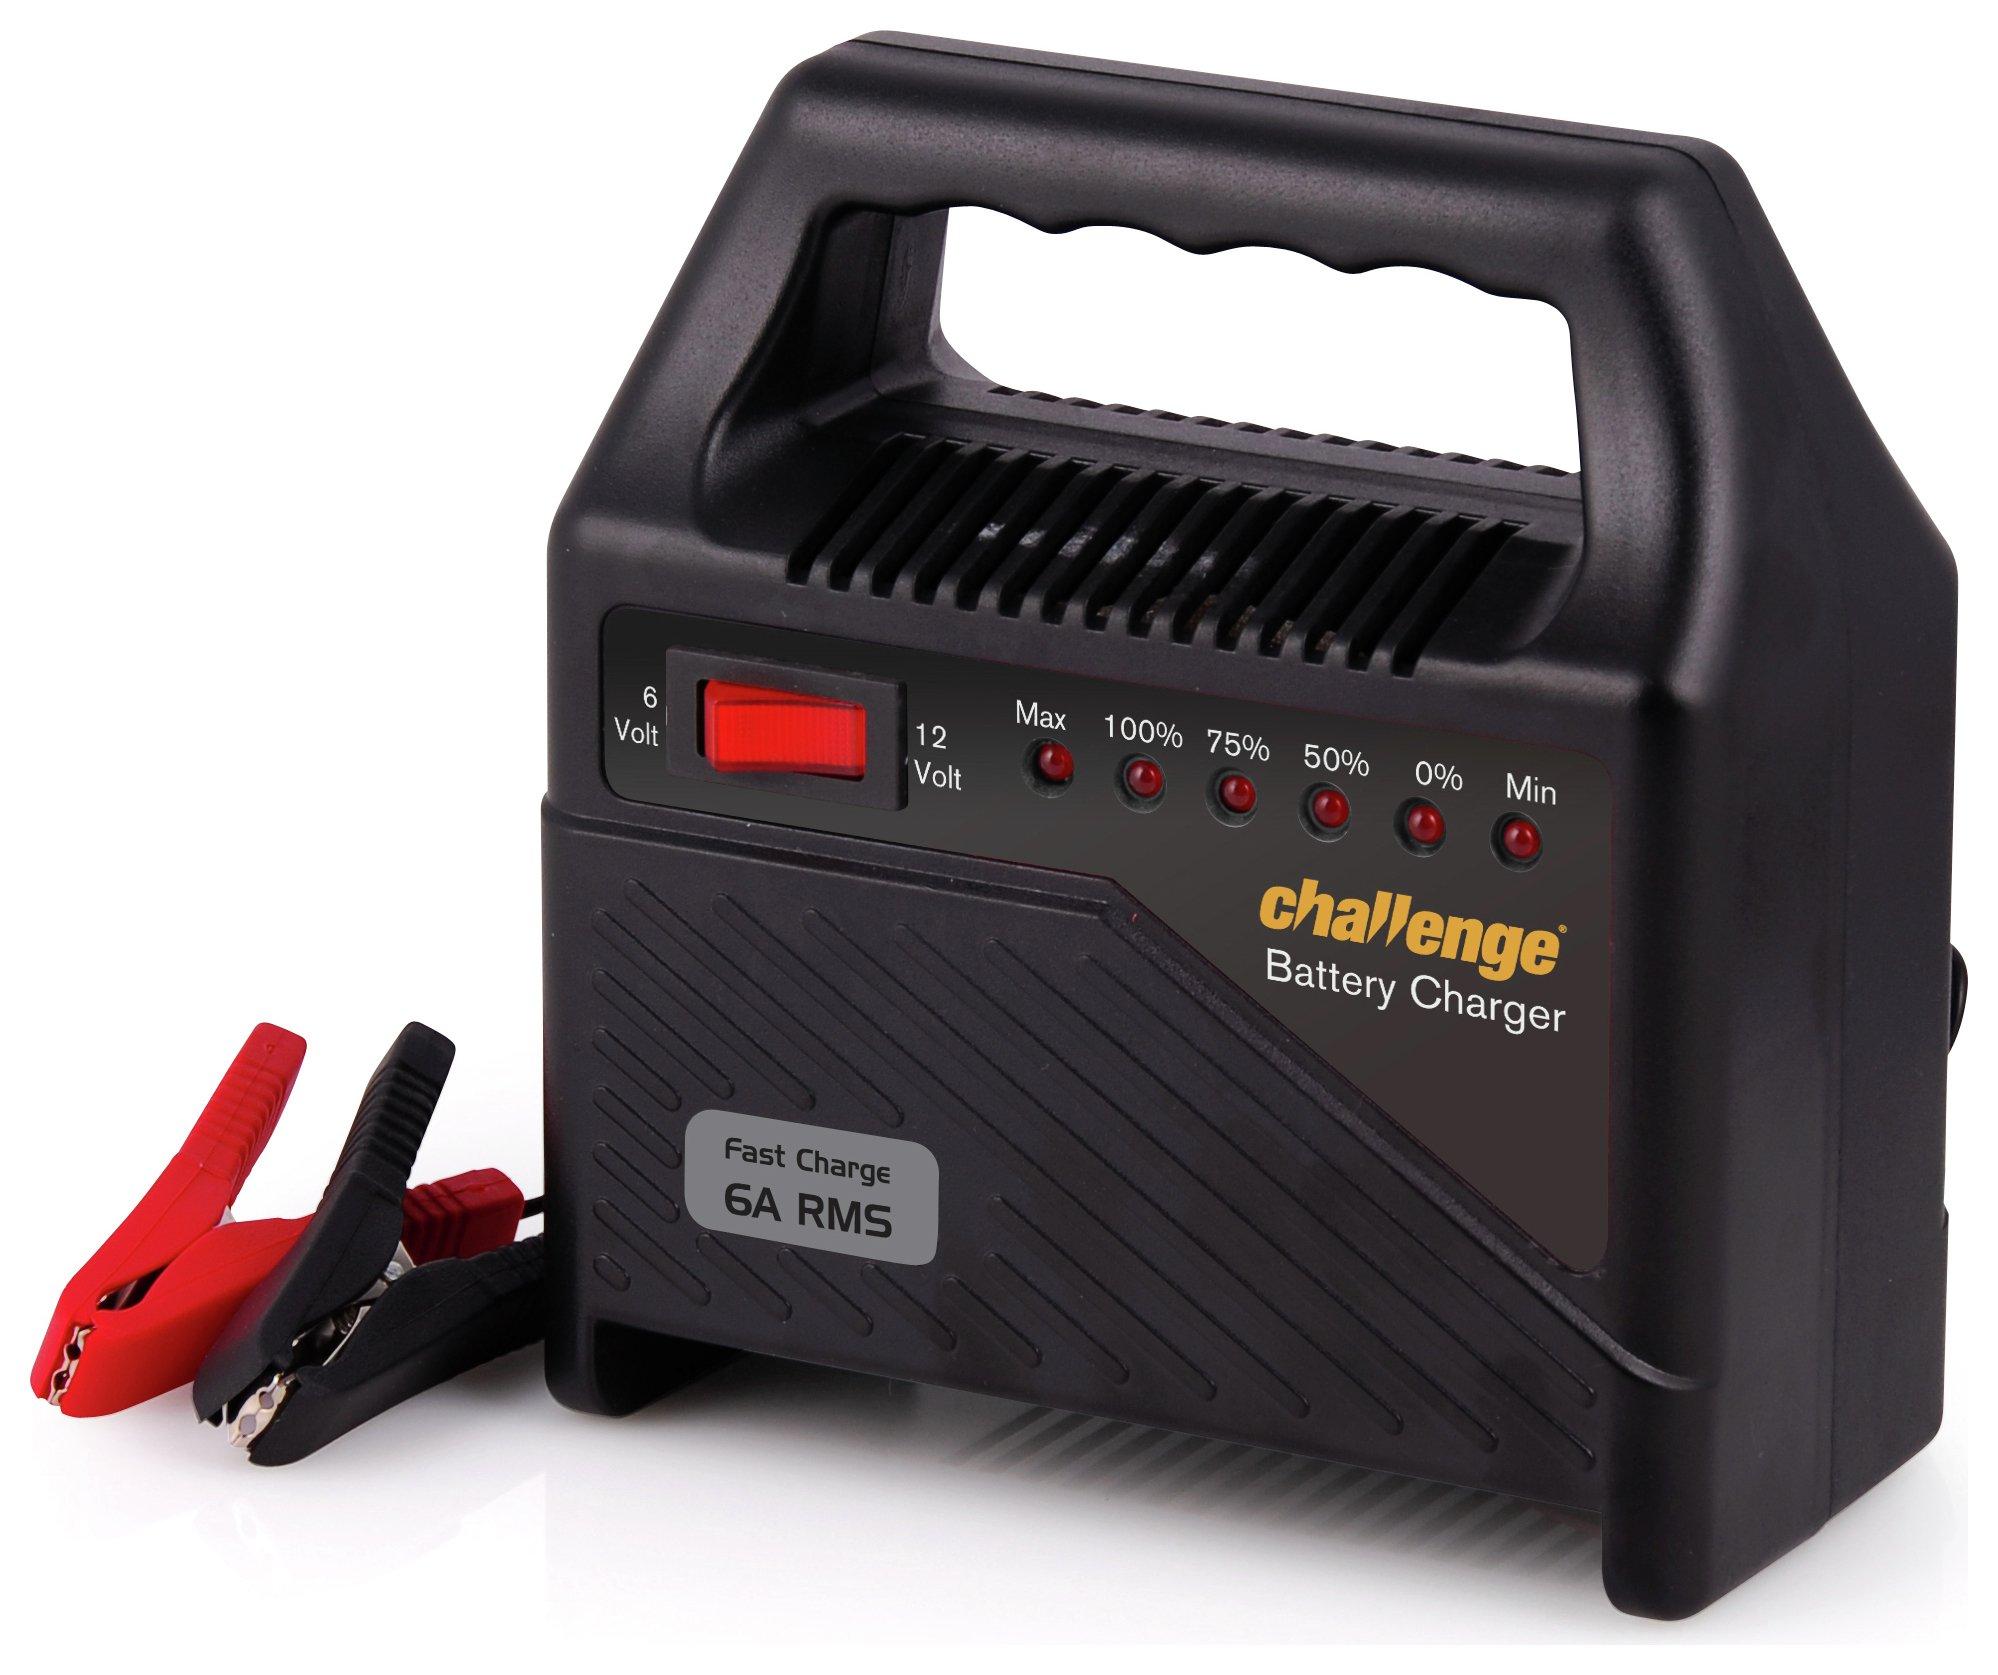 Challenge 12V Trickle Car Battery Charger